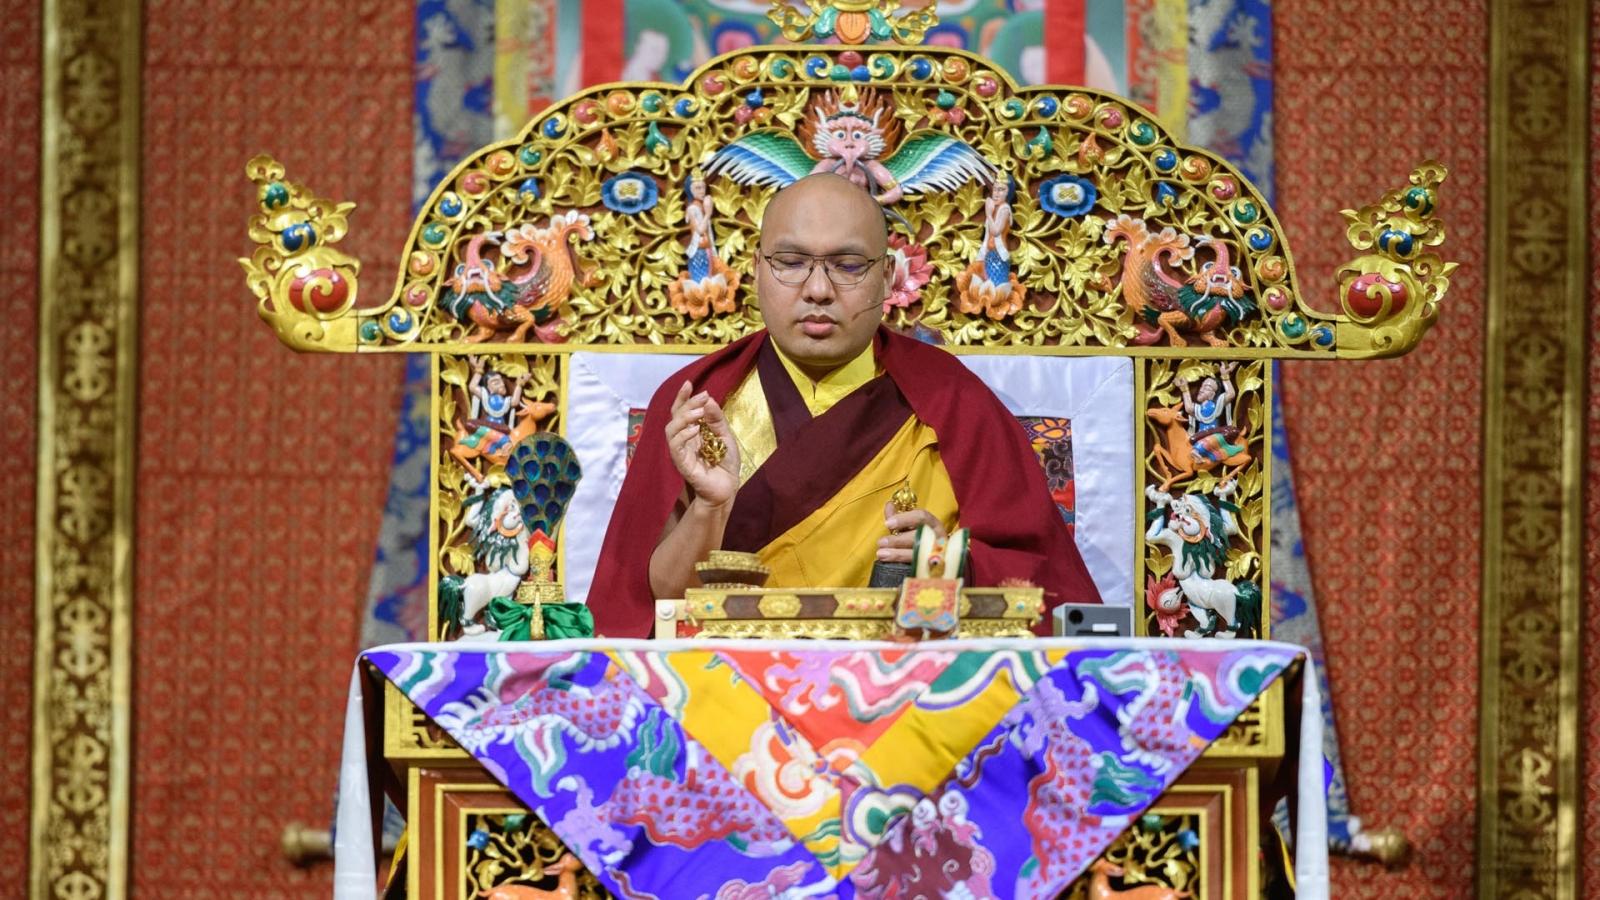 Karmapa giving the Vajrasattva empowerment